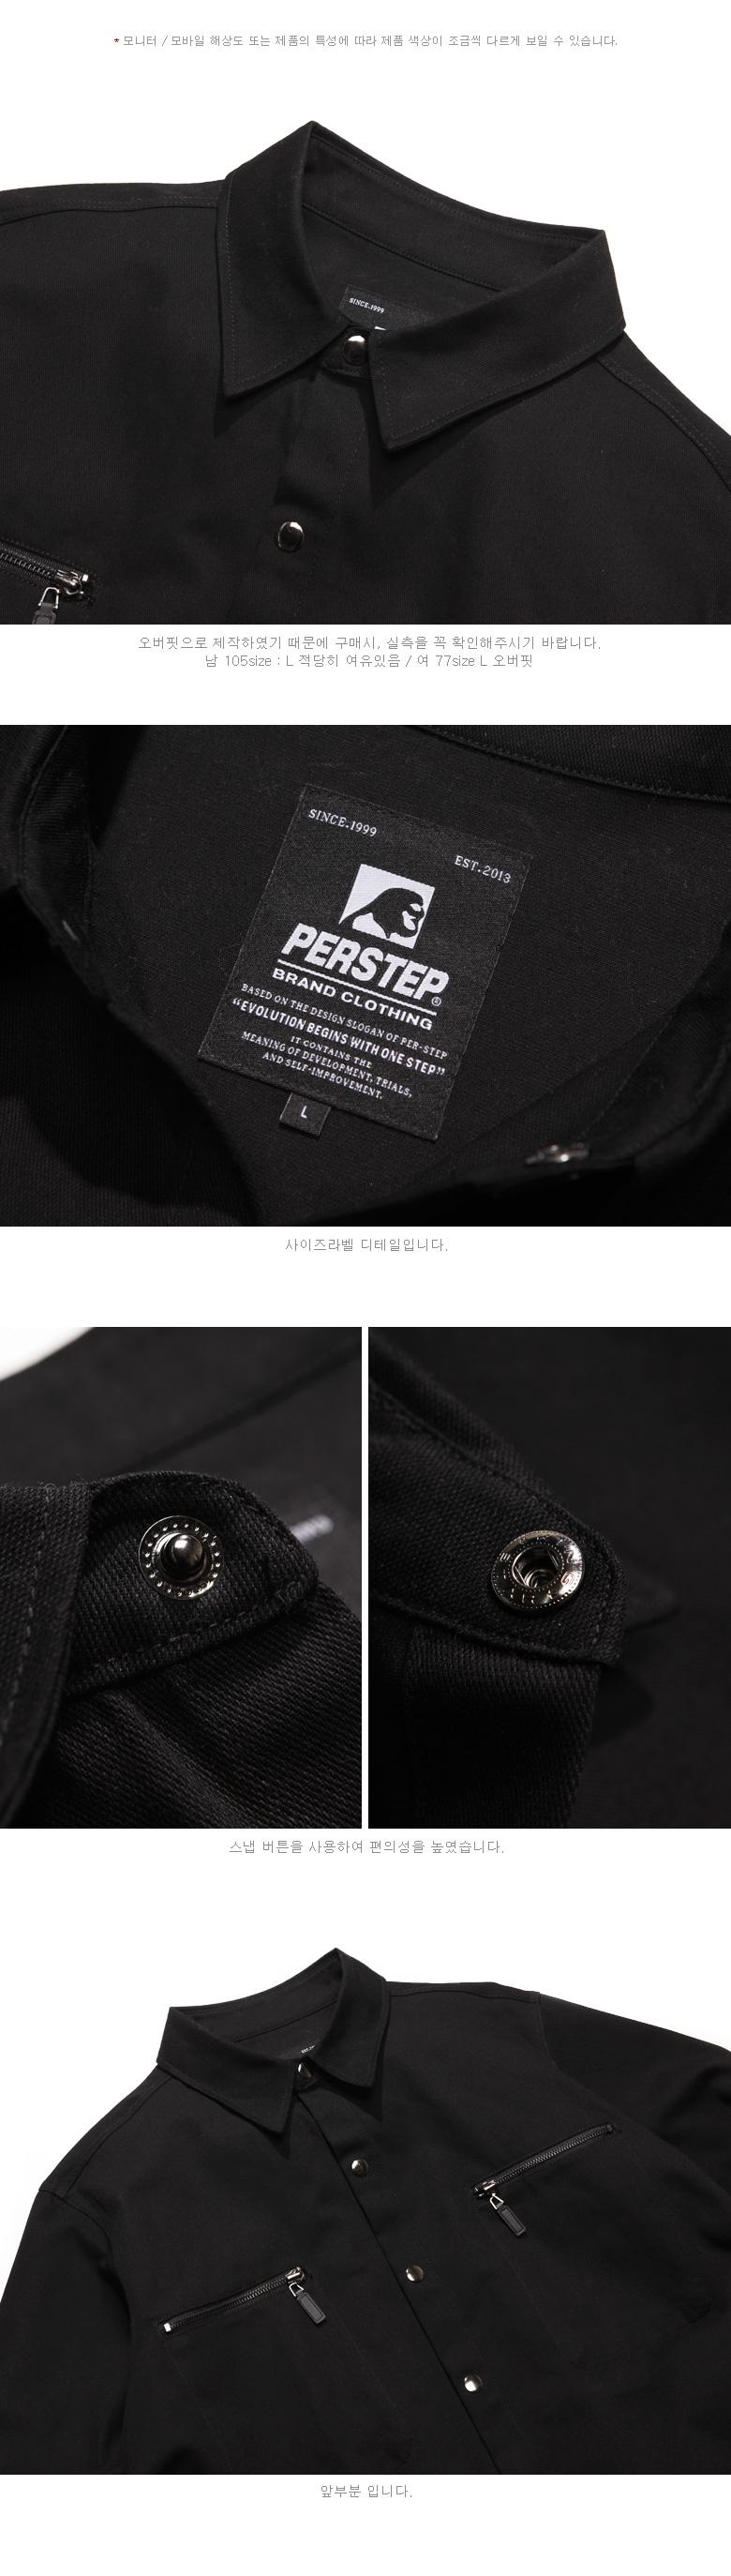 20180214_ps_roper_shirt_bk_uk_02.jpg